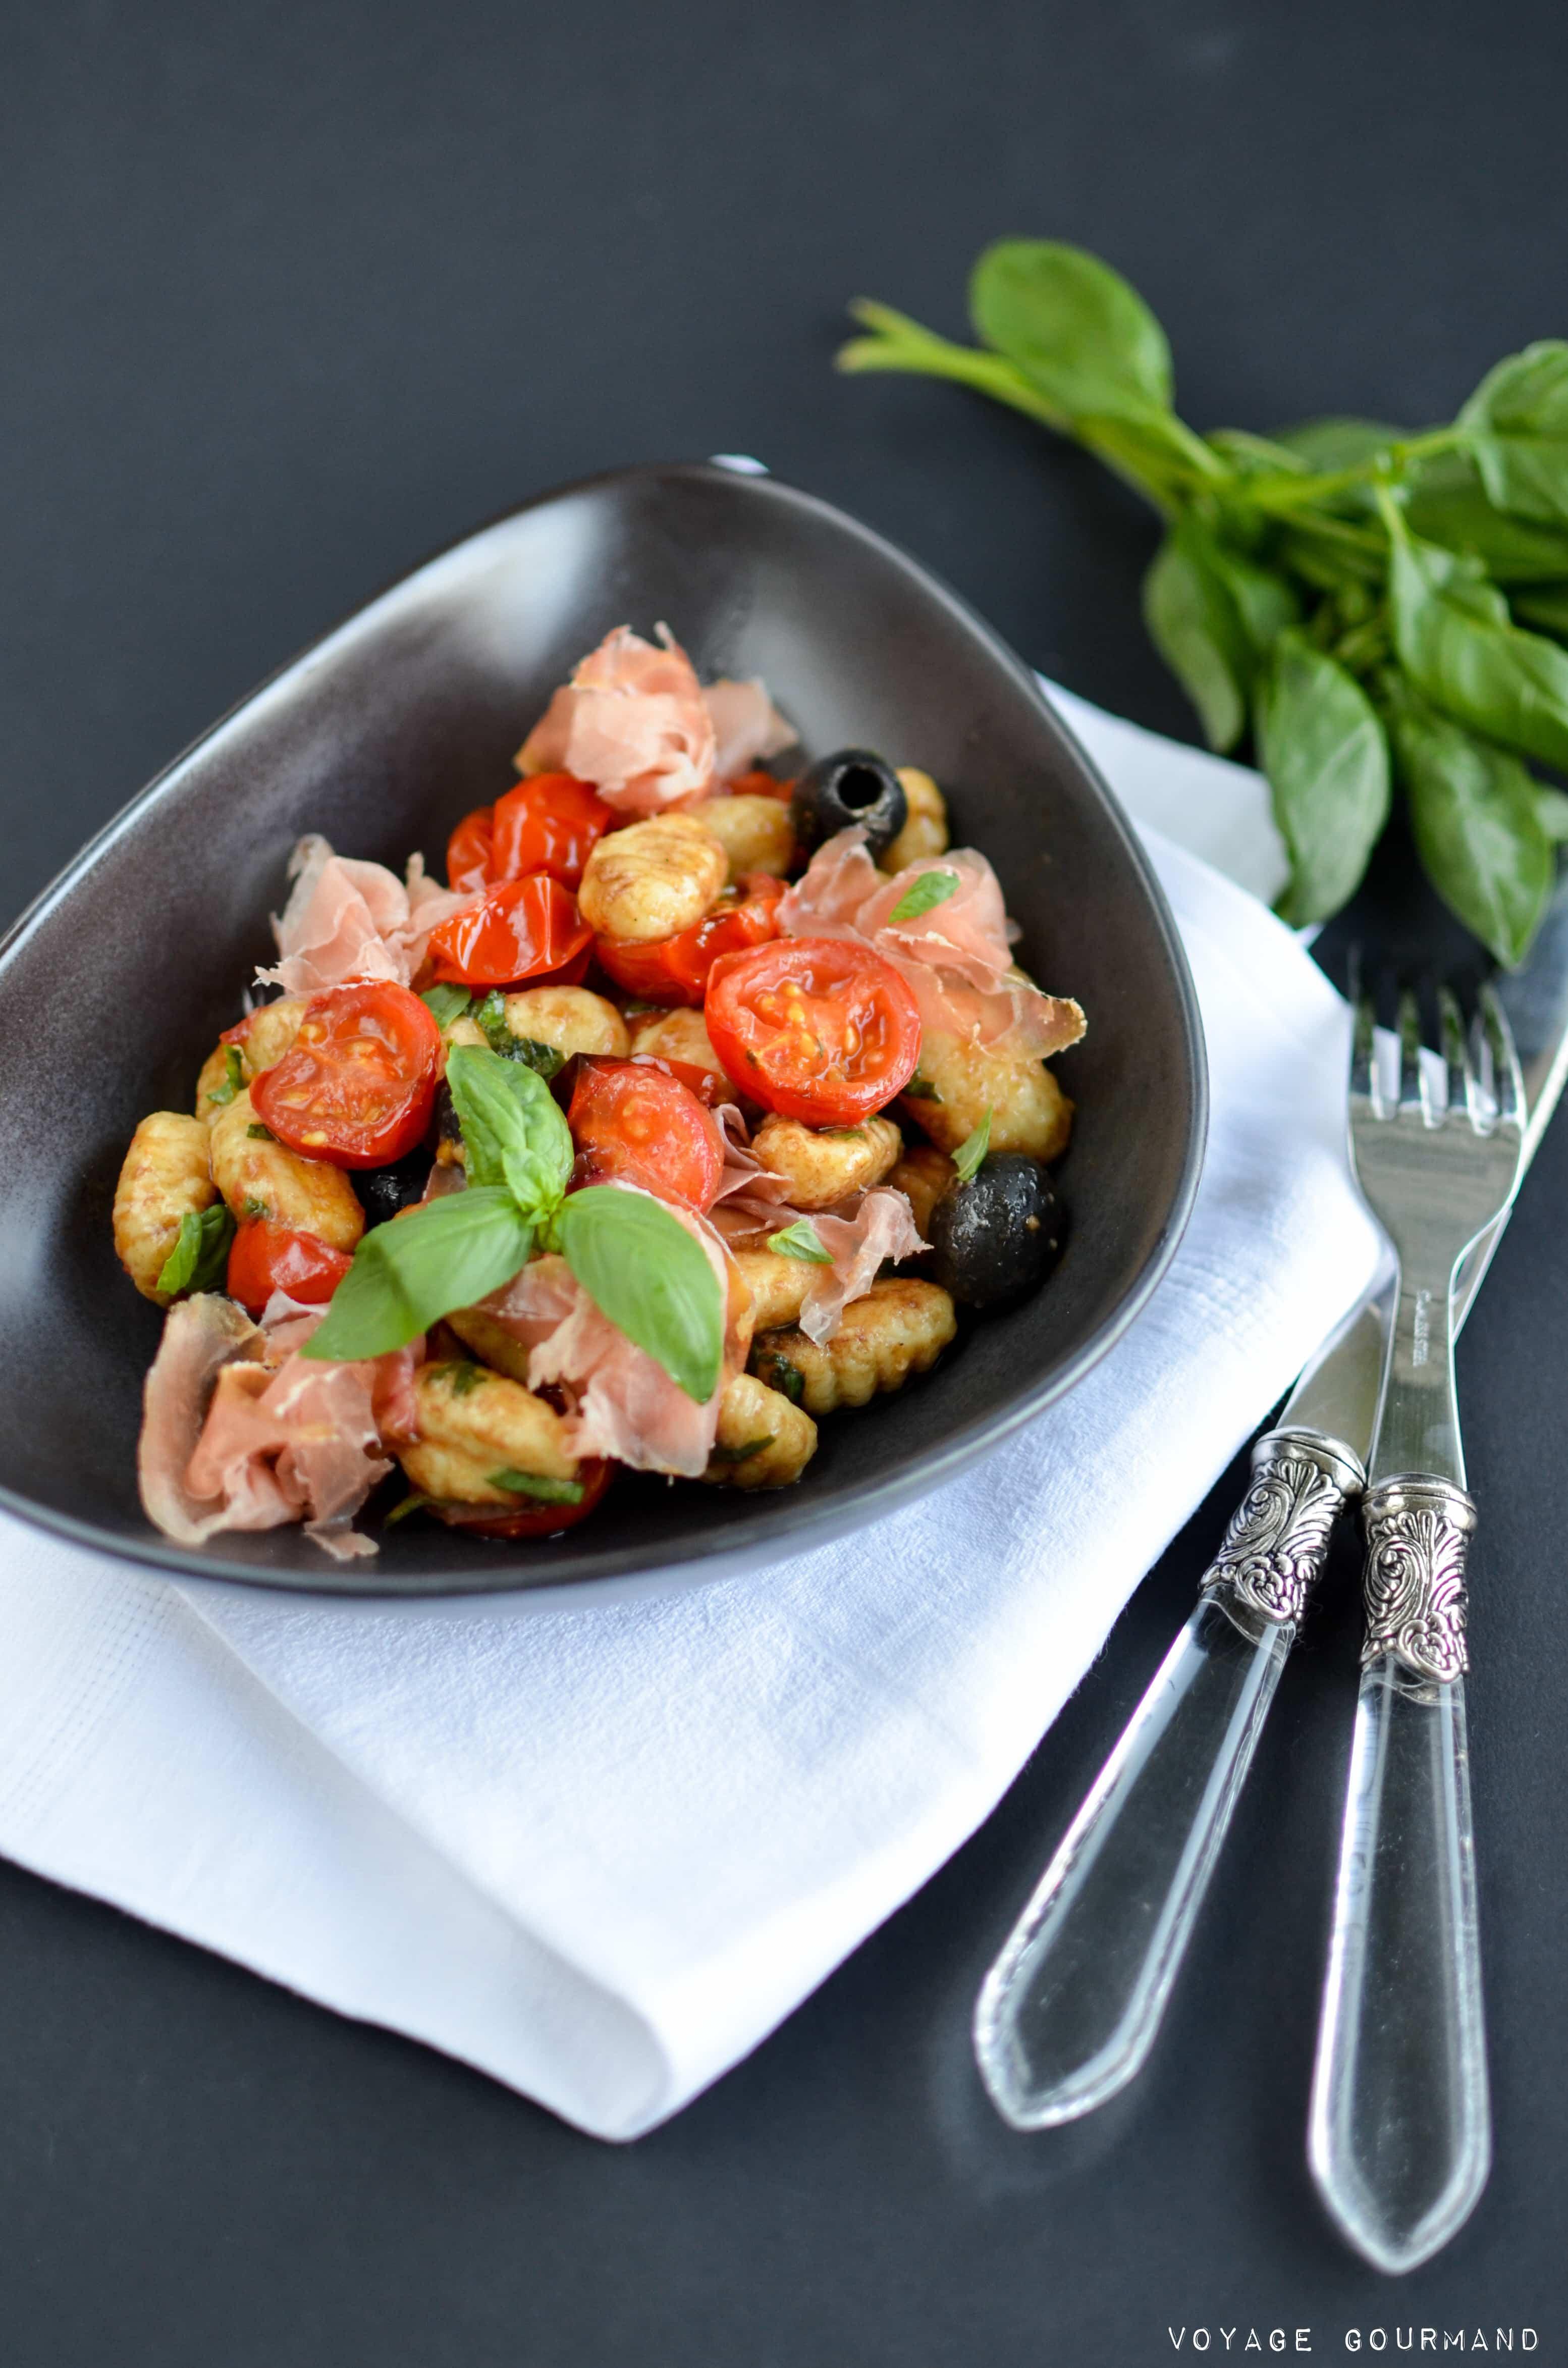 Salade de gnocchis, jambon de Parme, tomates confites, olives noires, basilic, parmesan